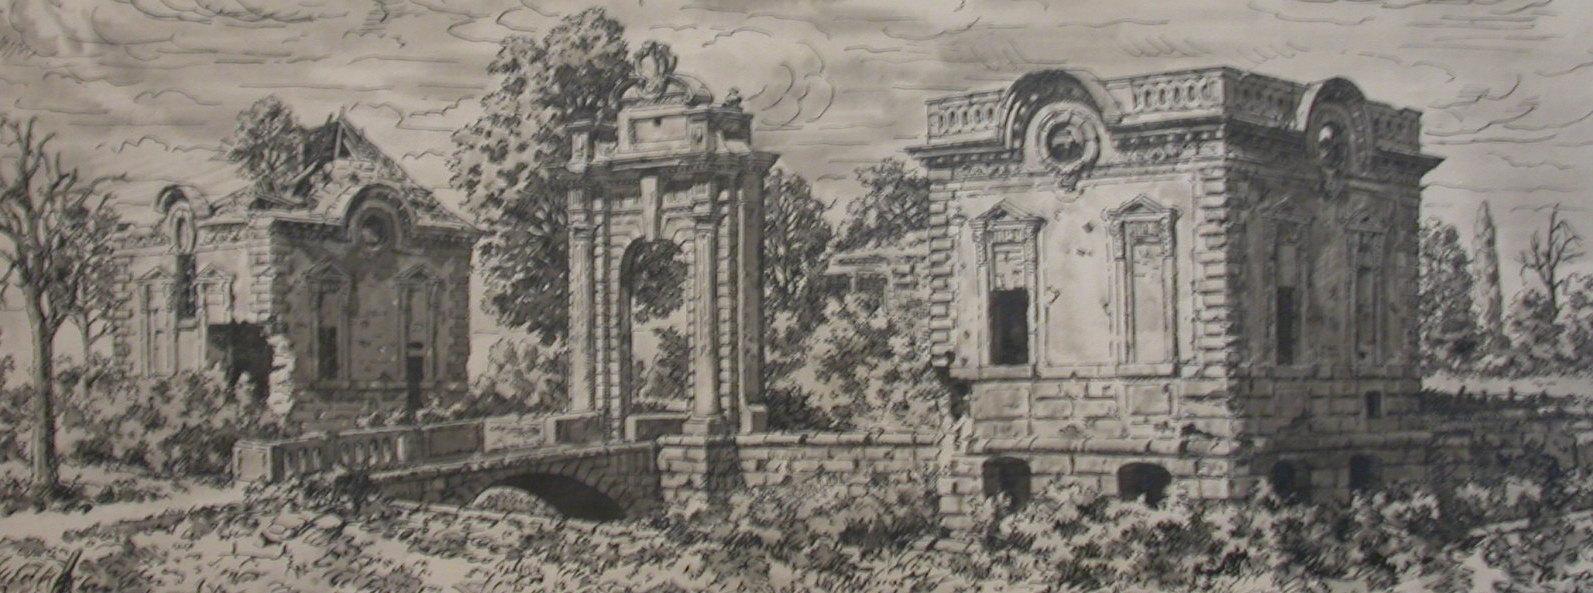 Château de Blérancourt en 1917